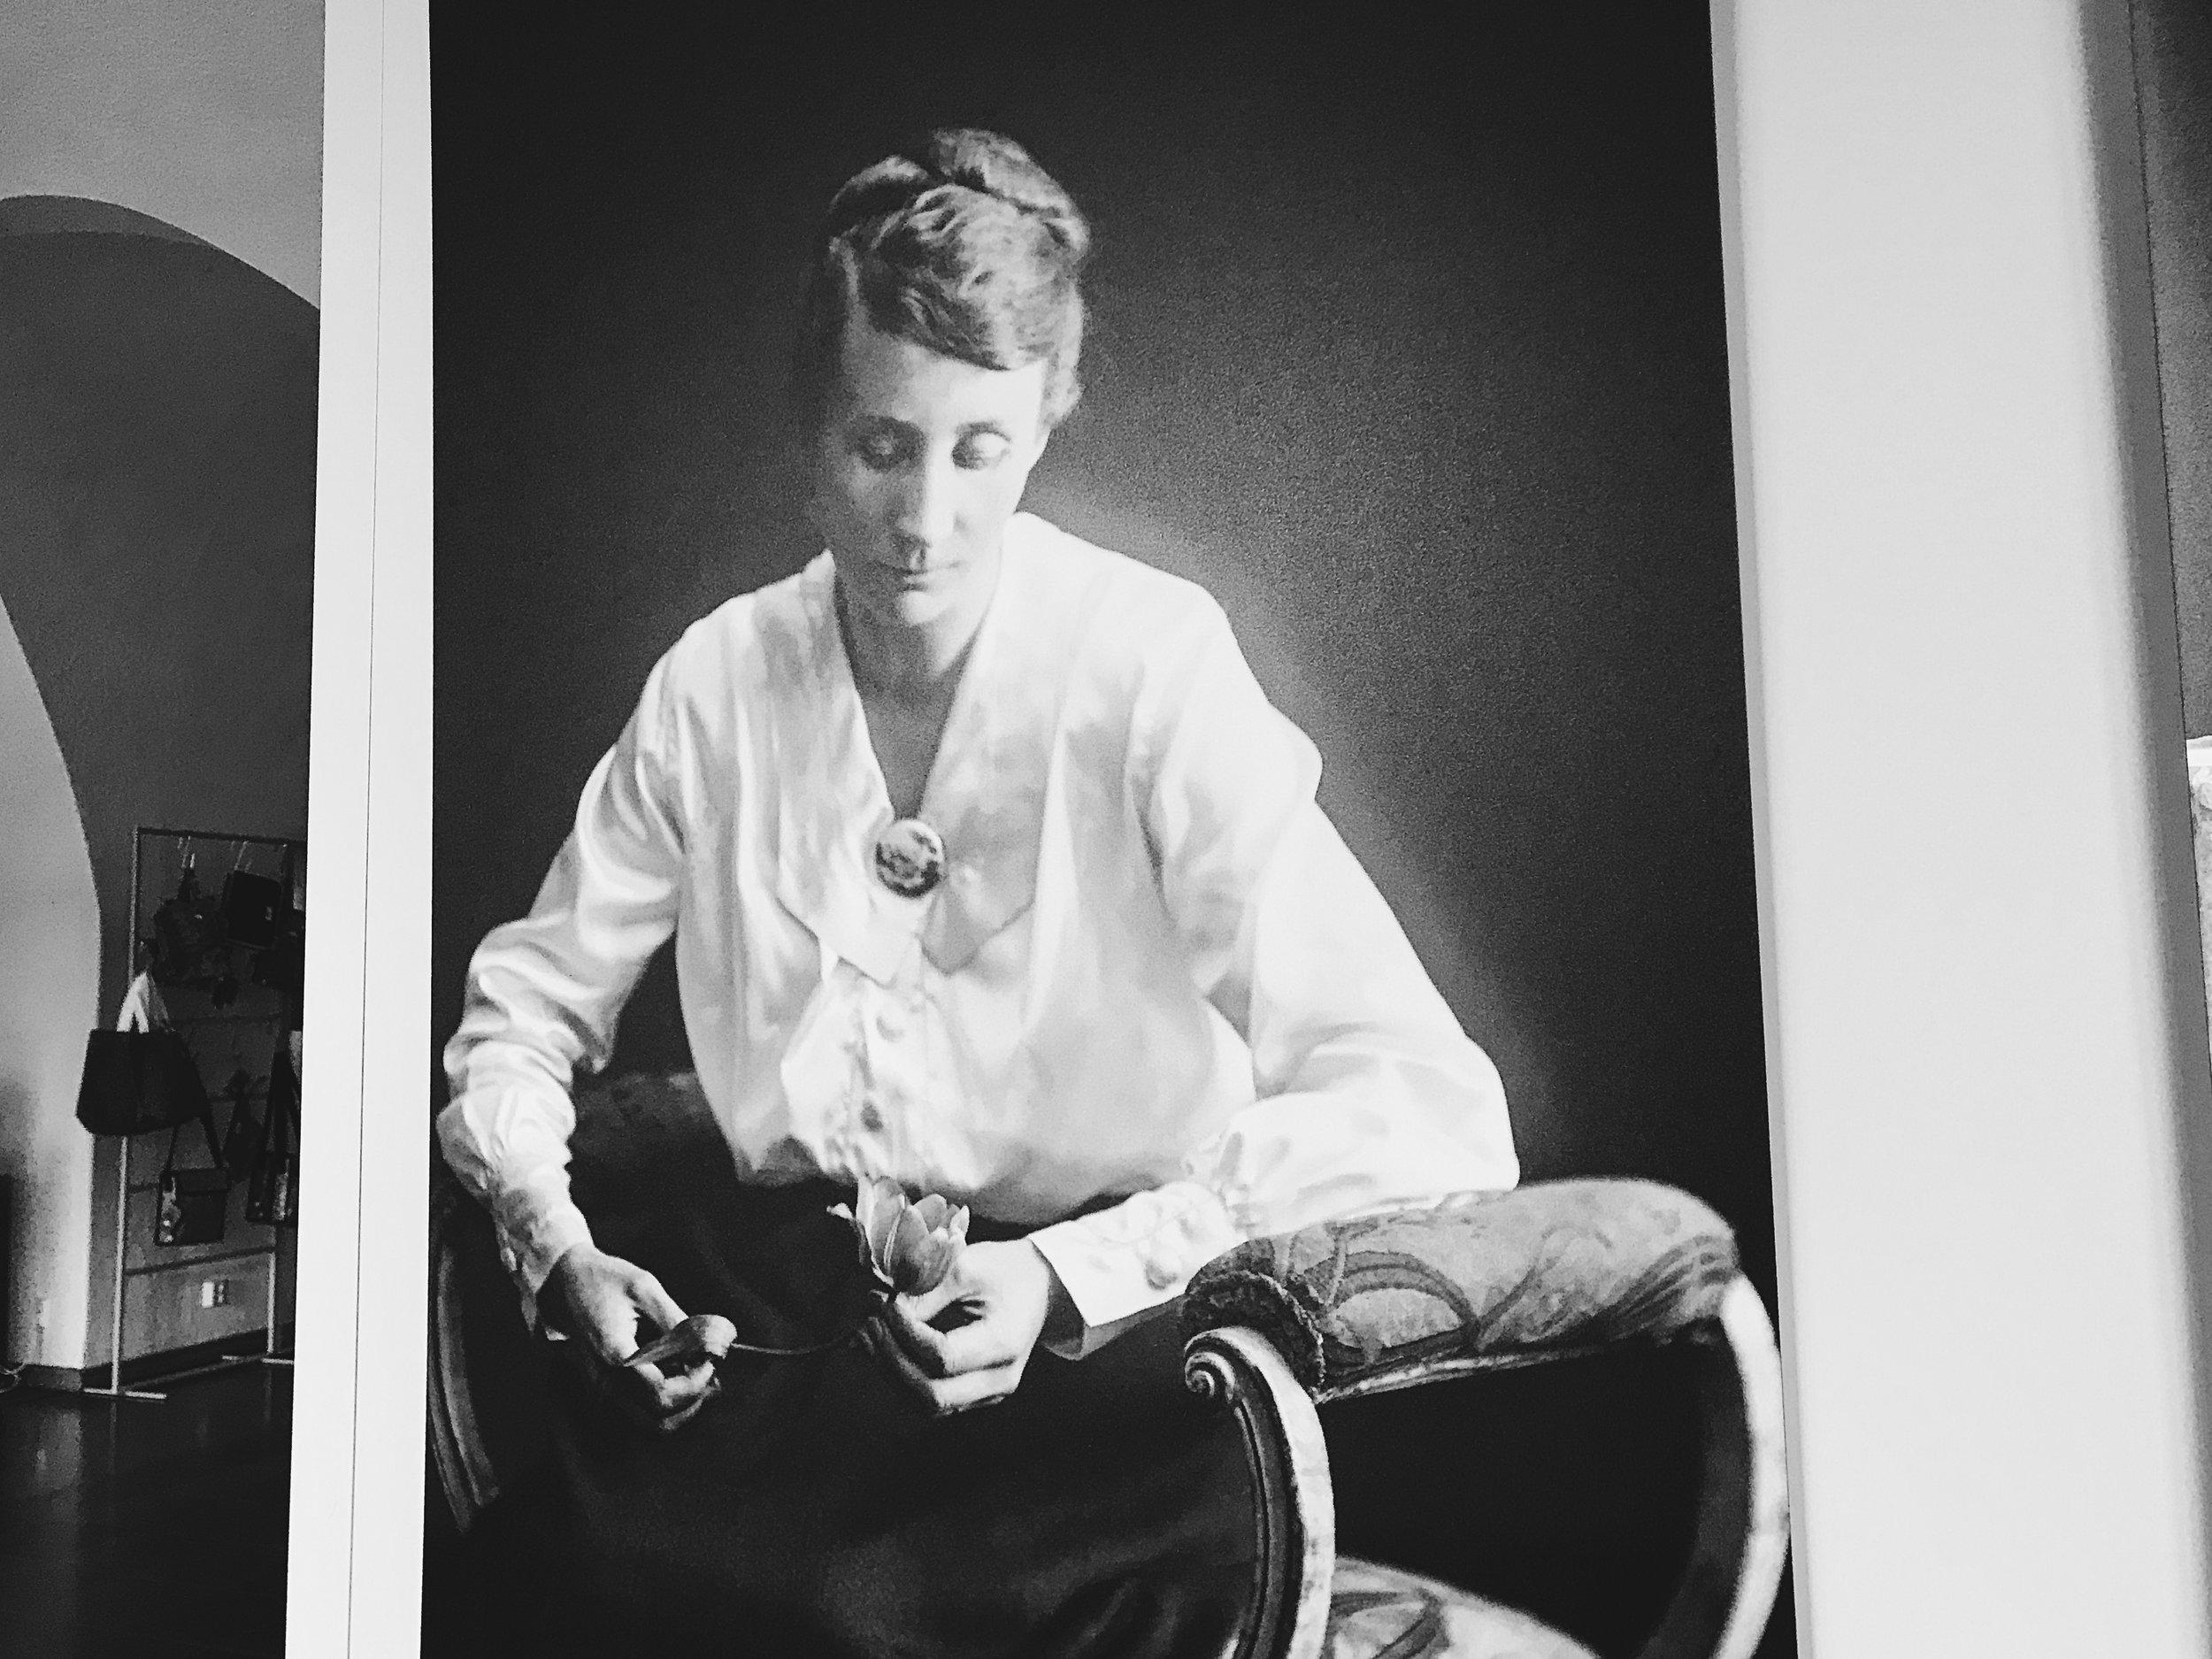 Samana aamuna kun rouva Grönberg saapui valokuvattavaksi keväällä 1918, tavoitti tieto valkoisten suurhyökkäyksestä Tampereen.